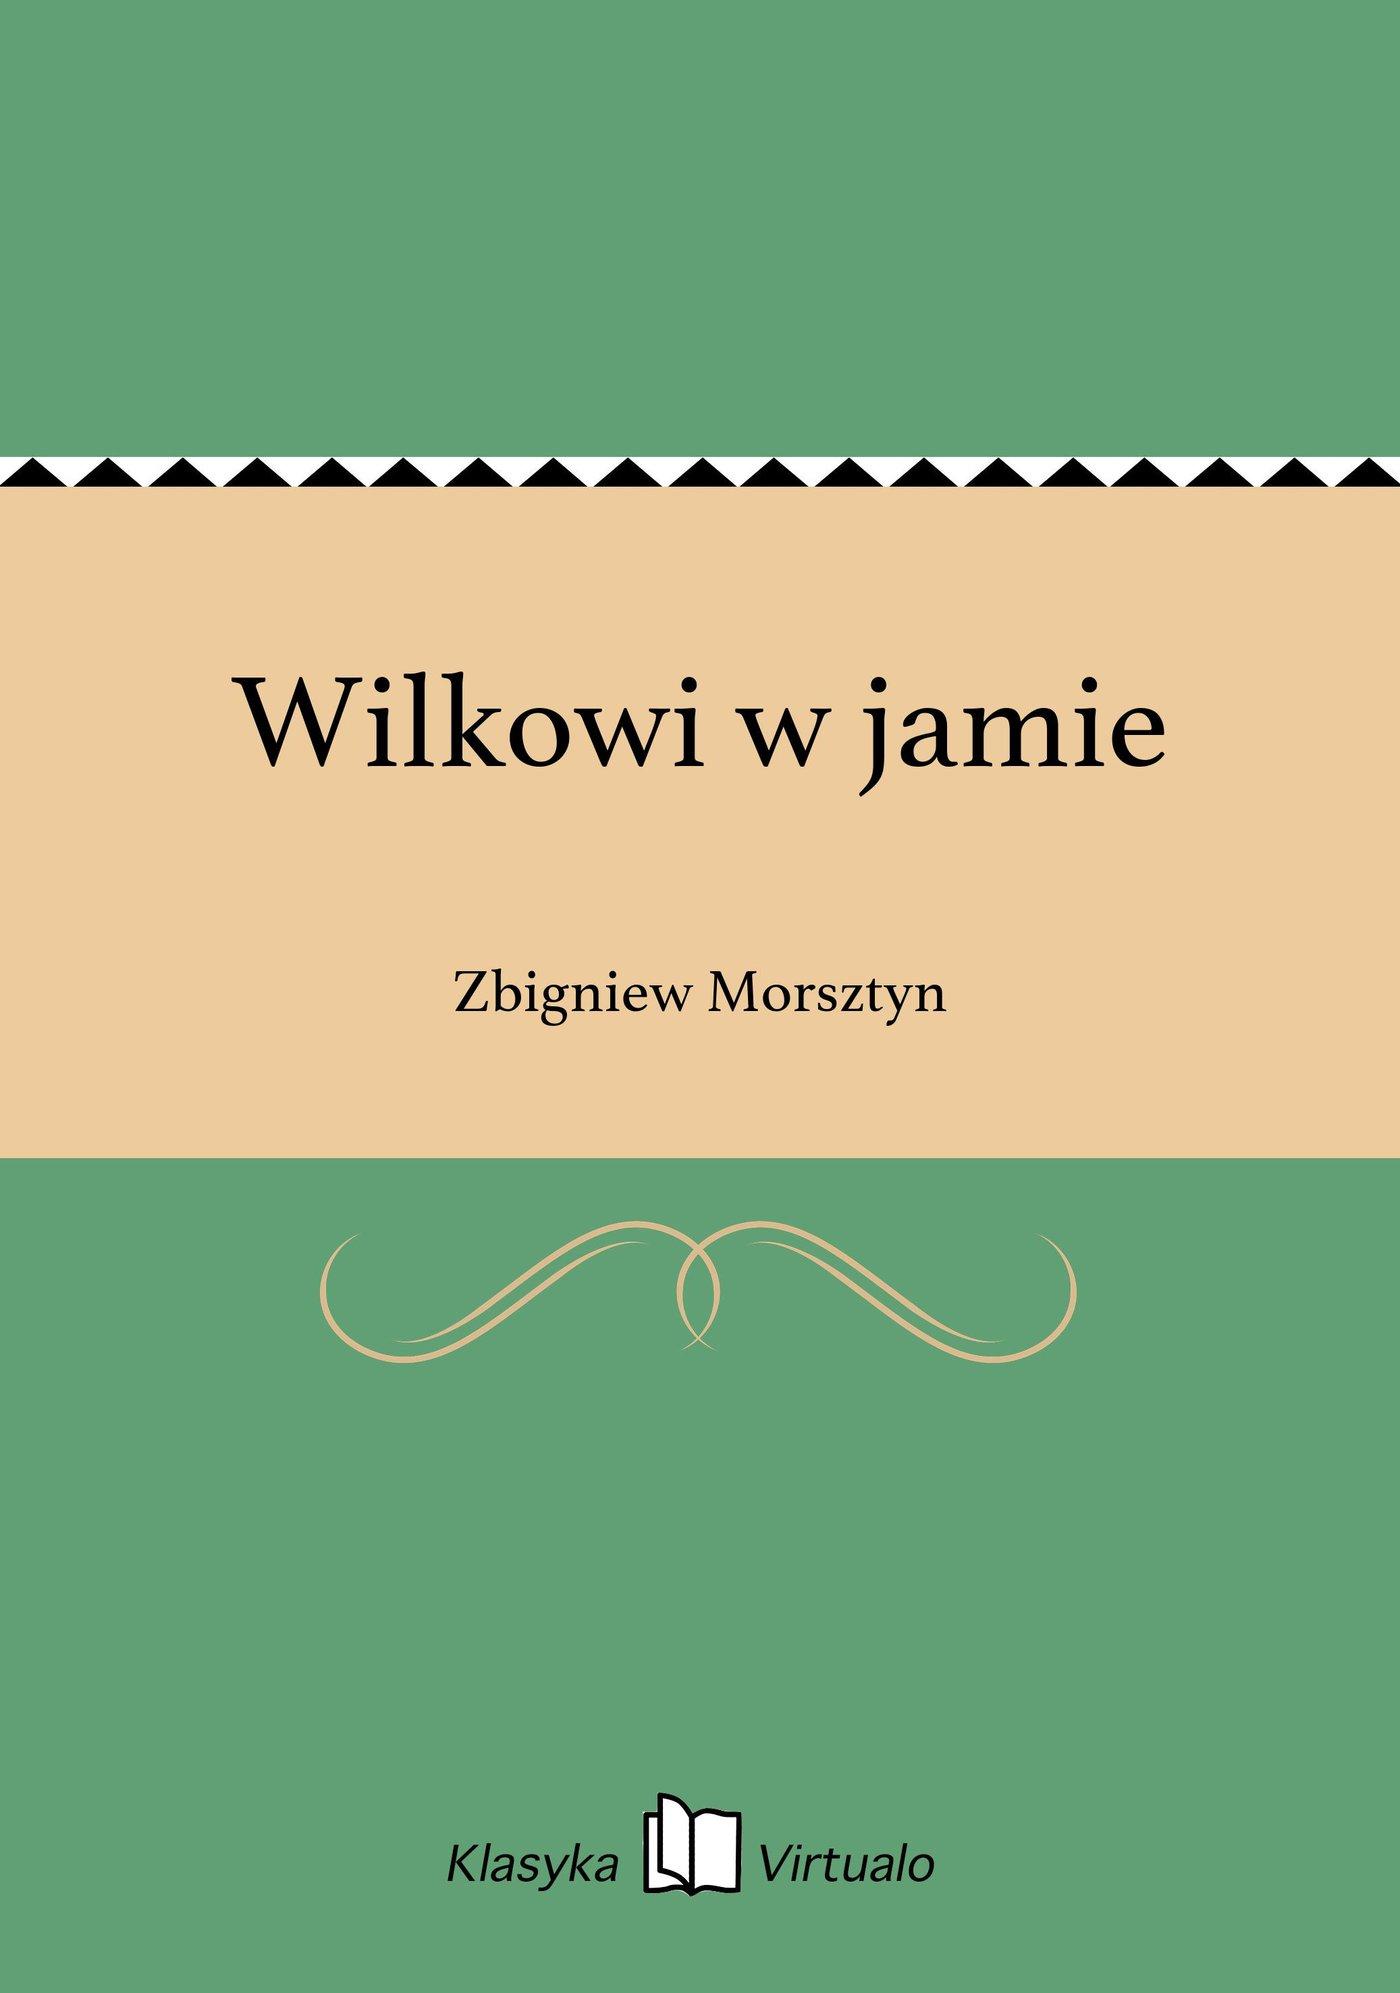 Wilkowi w jamie - Ebook (Książka EPUB) do pobrania w formacie EPUB